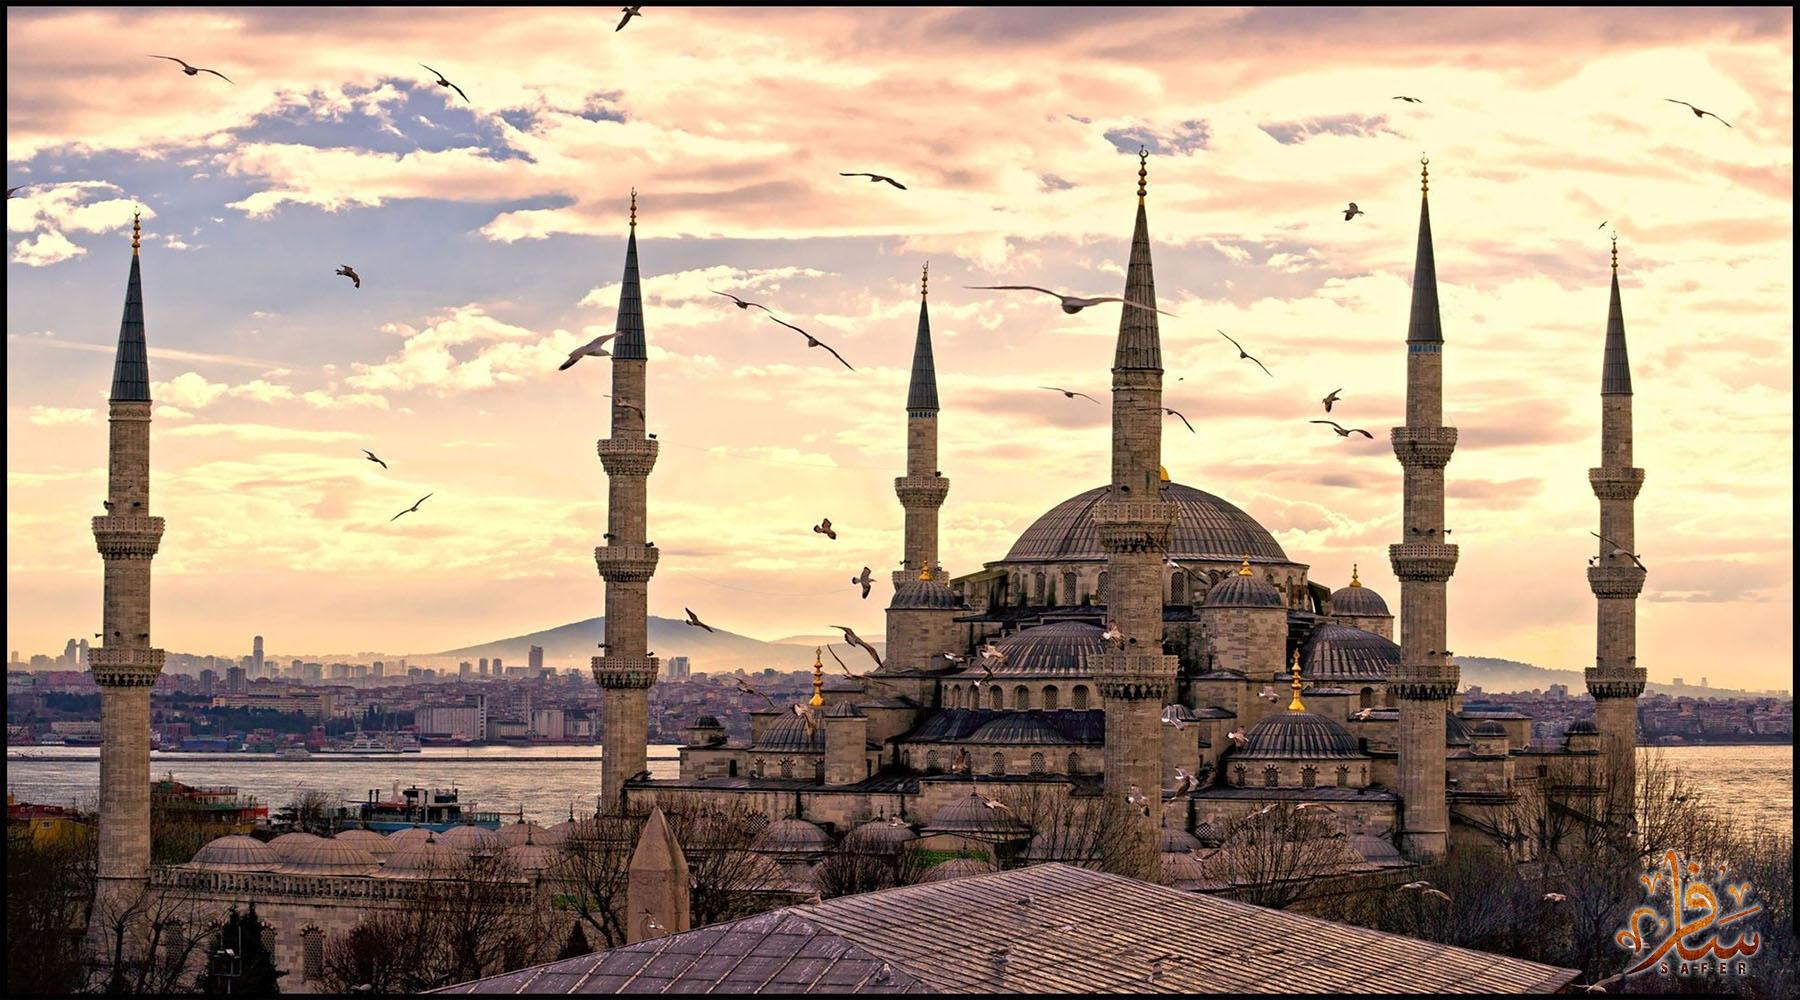 مسجد السلطان احمد - اسطنبول - تركيا